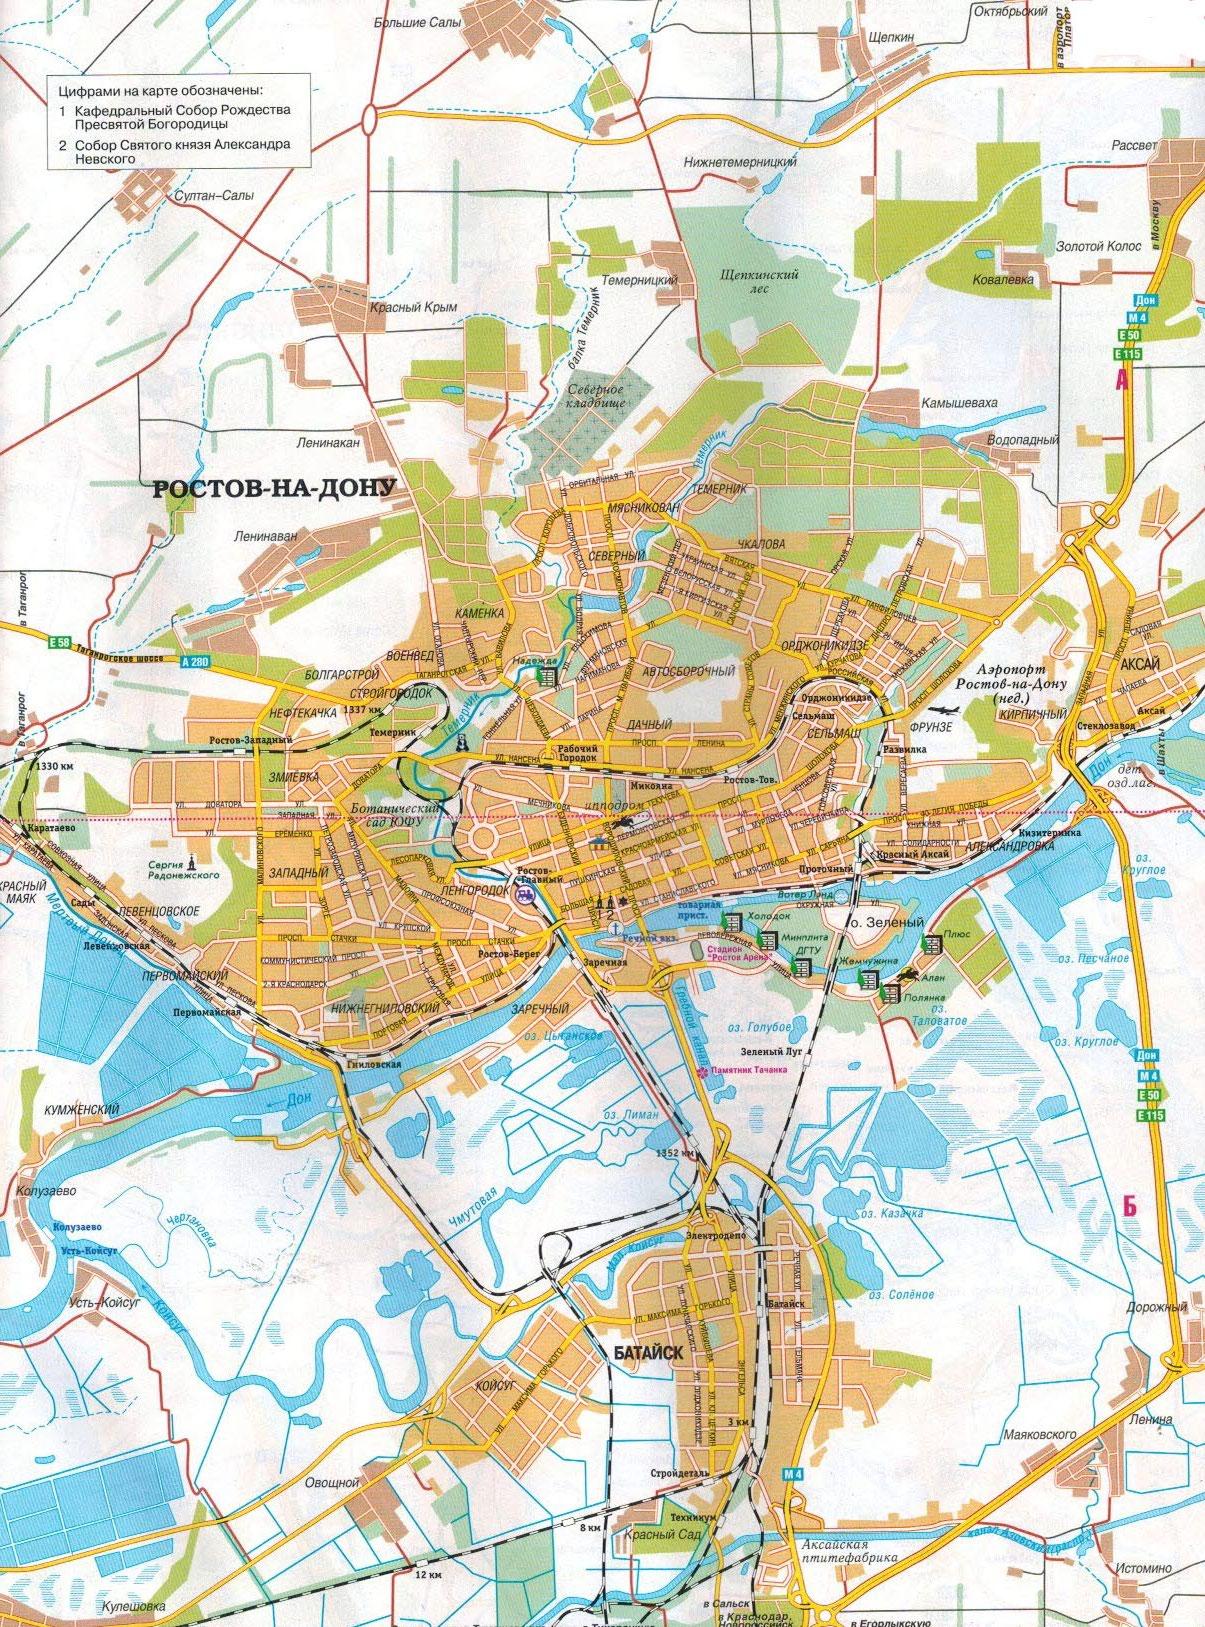 Настенная карта города Ростов-на Дону, ламинированная, р-р 0,75*1,0 м